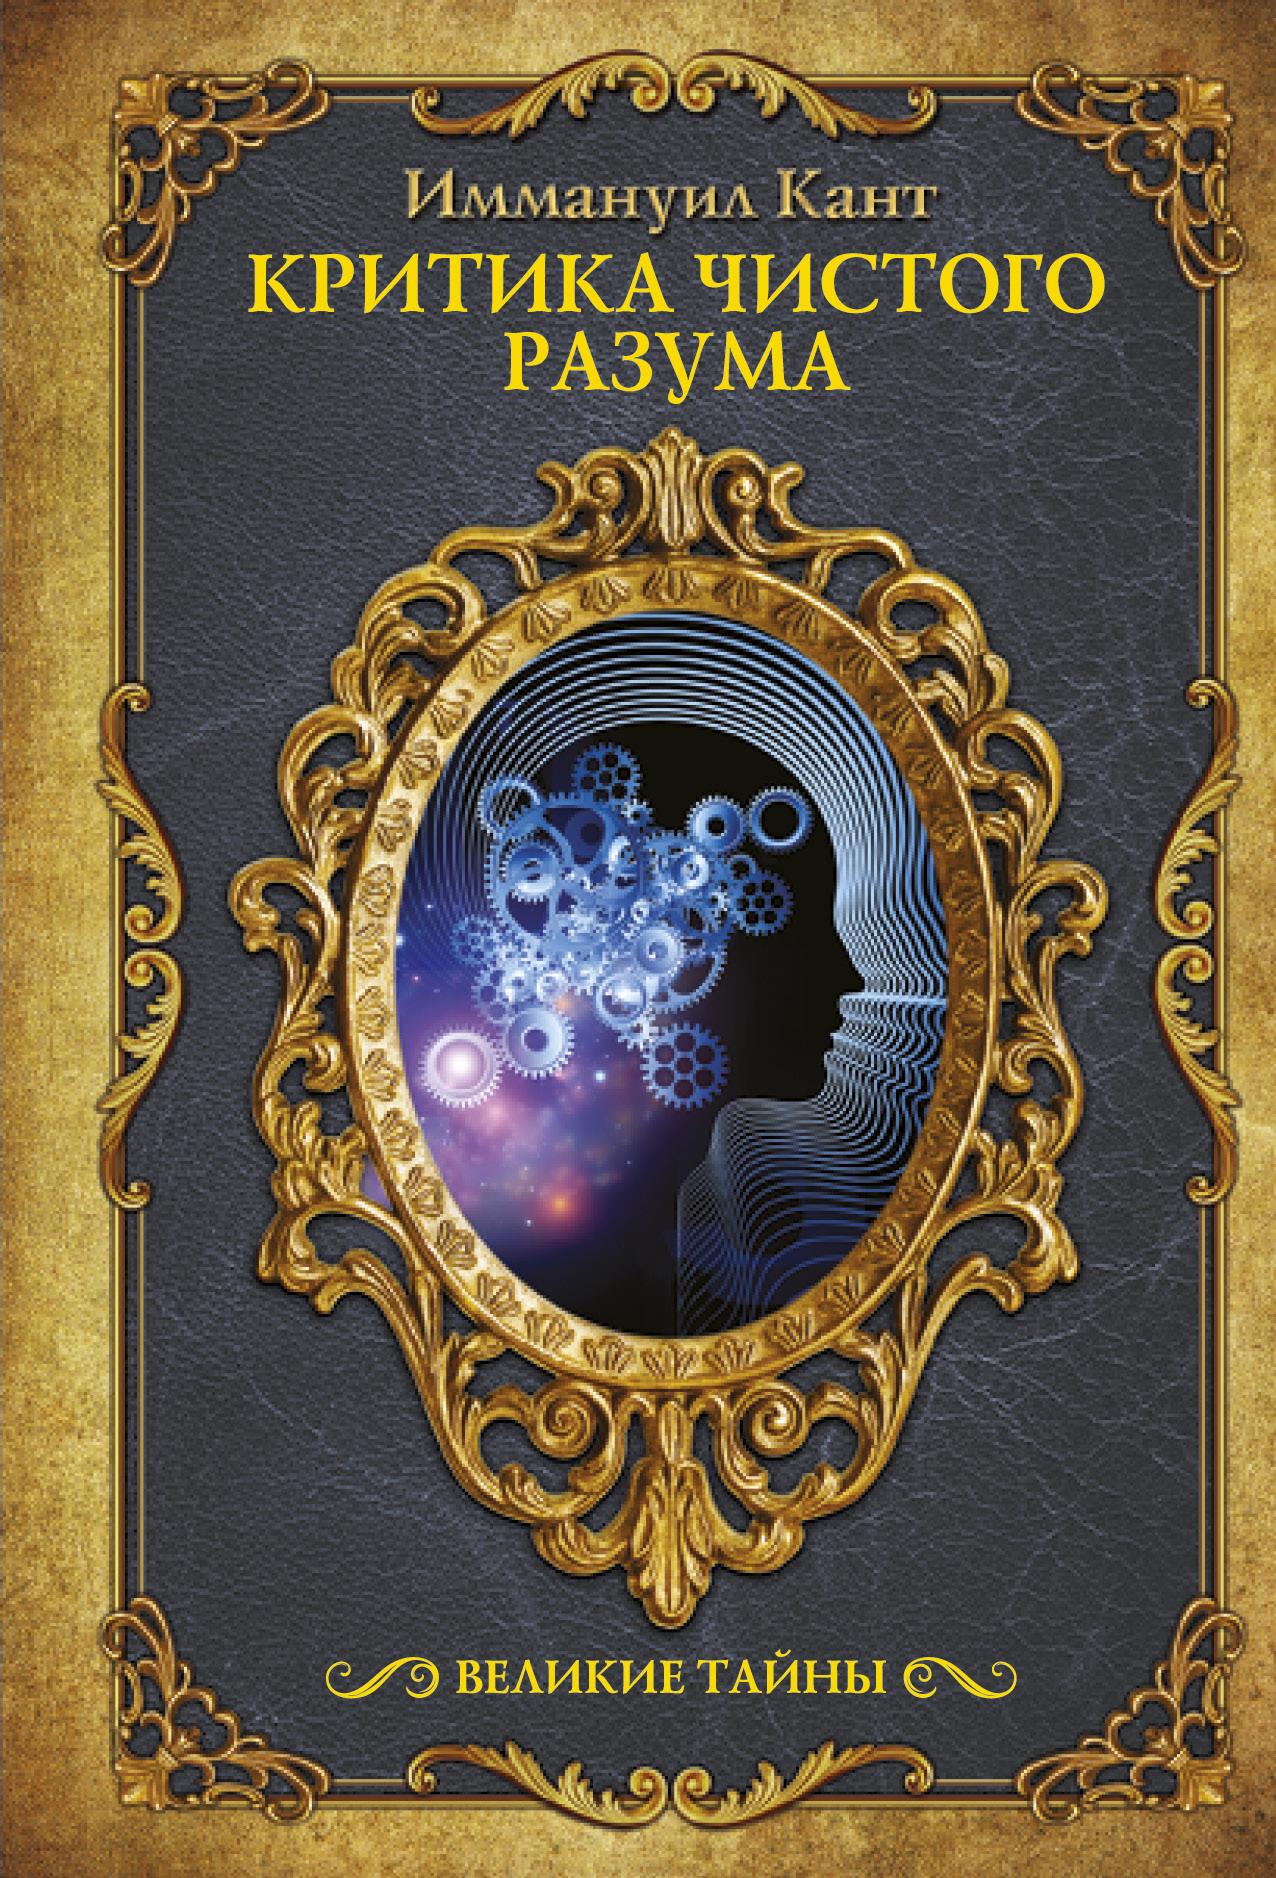 Иммануил Кант Критика чистого разума. г в моргунов трансцендентальная философия иммануила канта